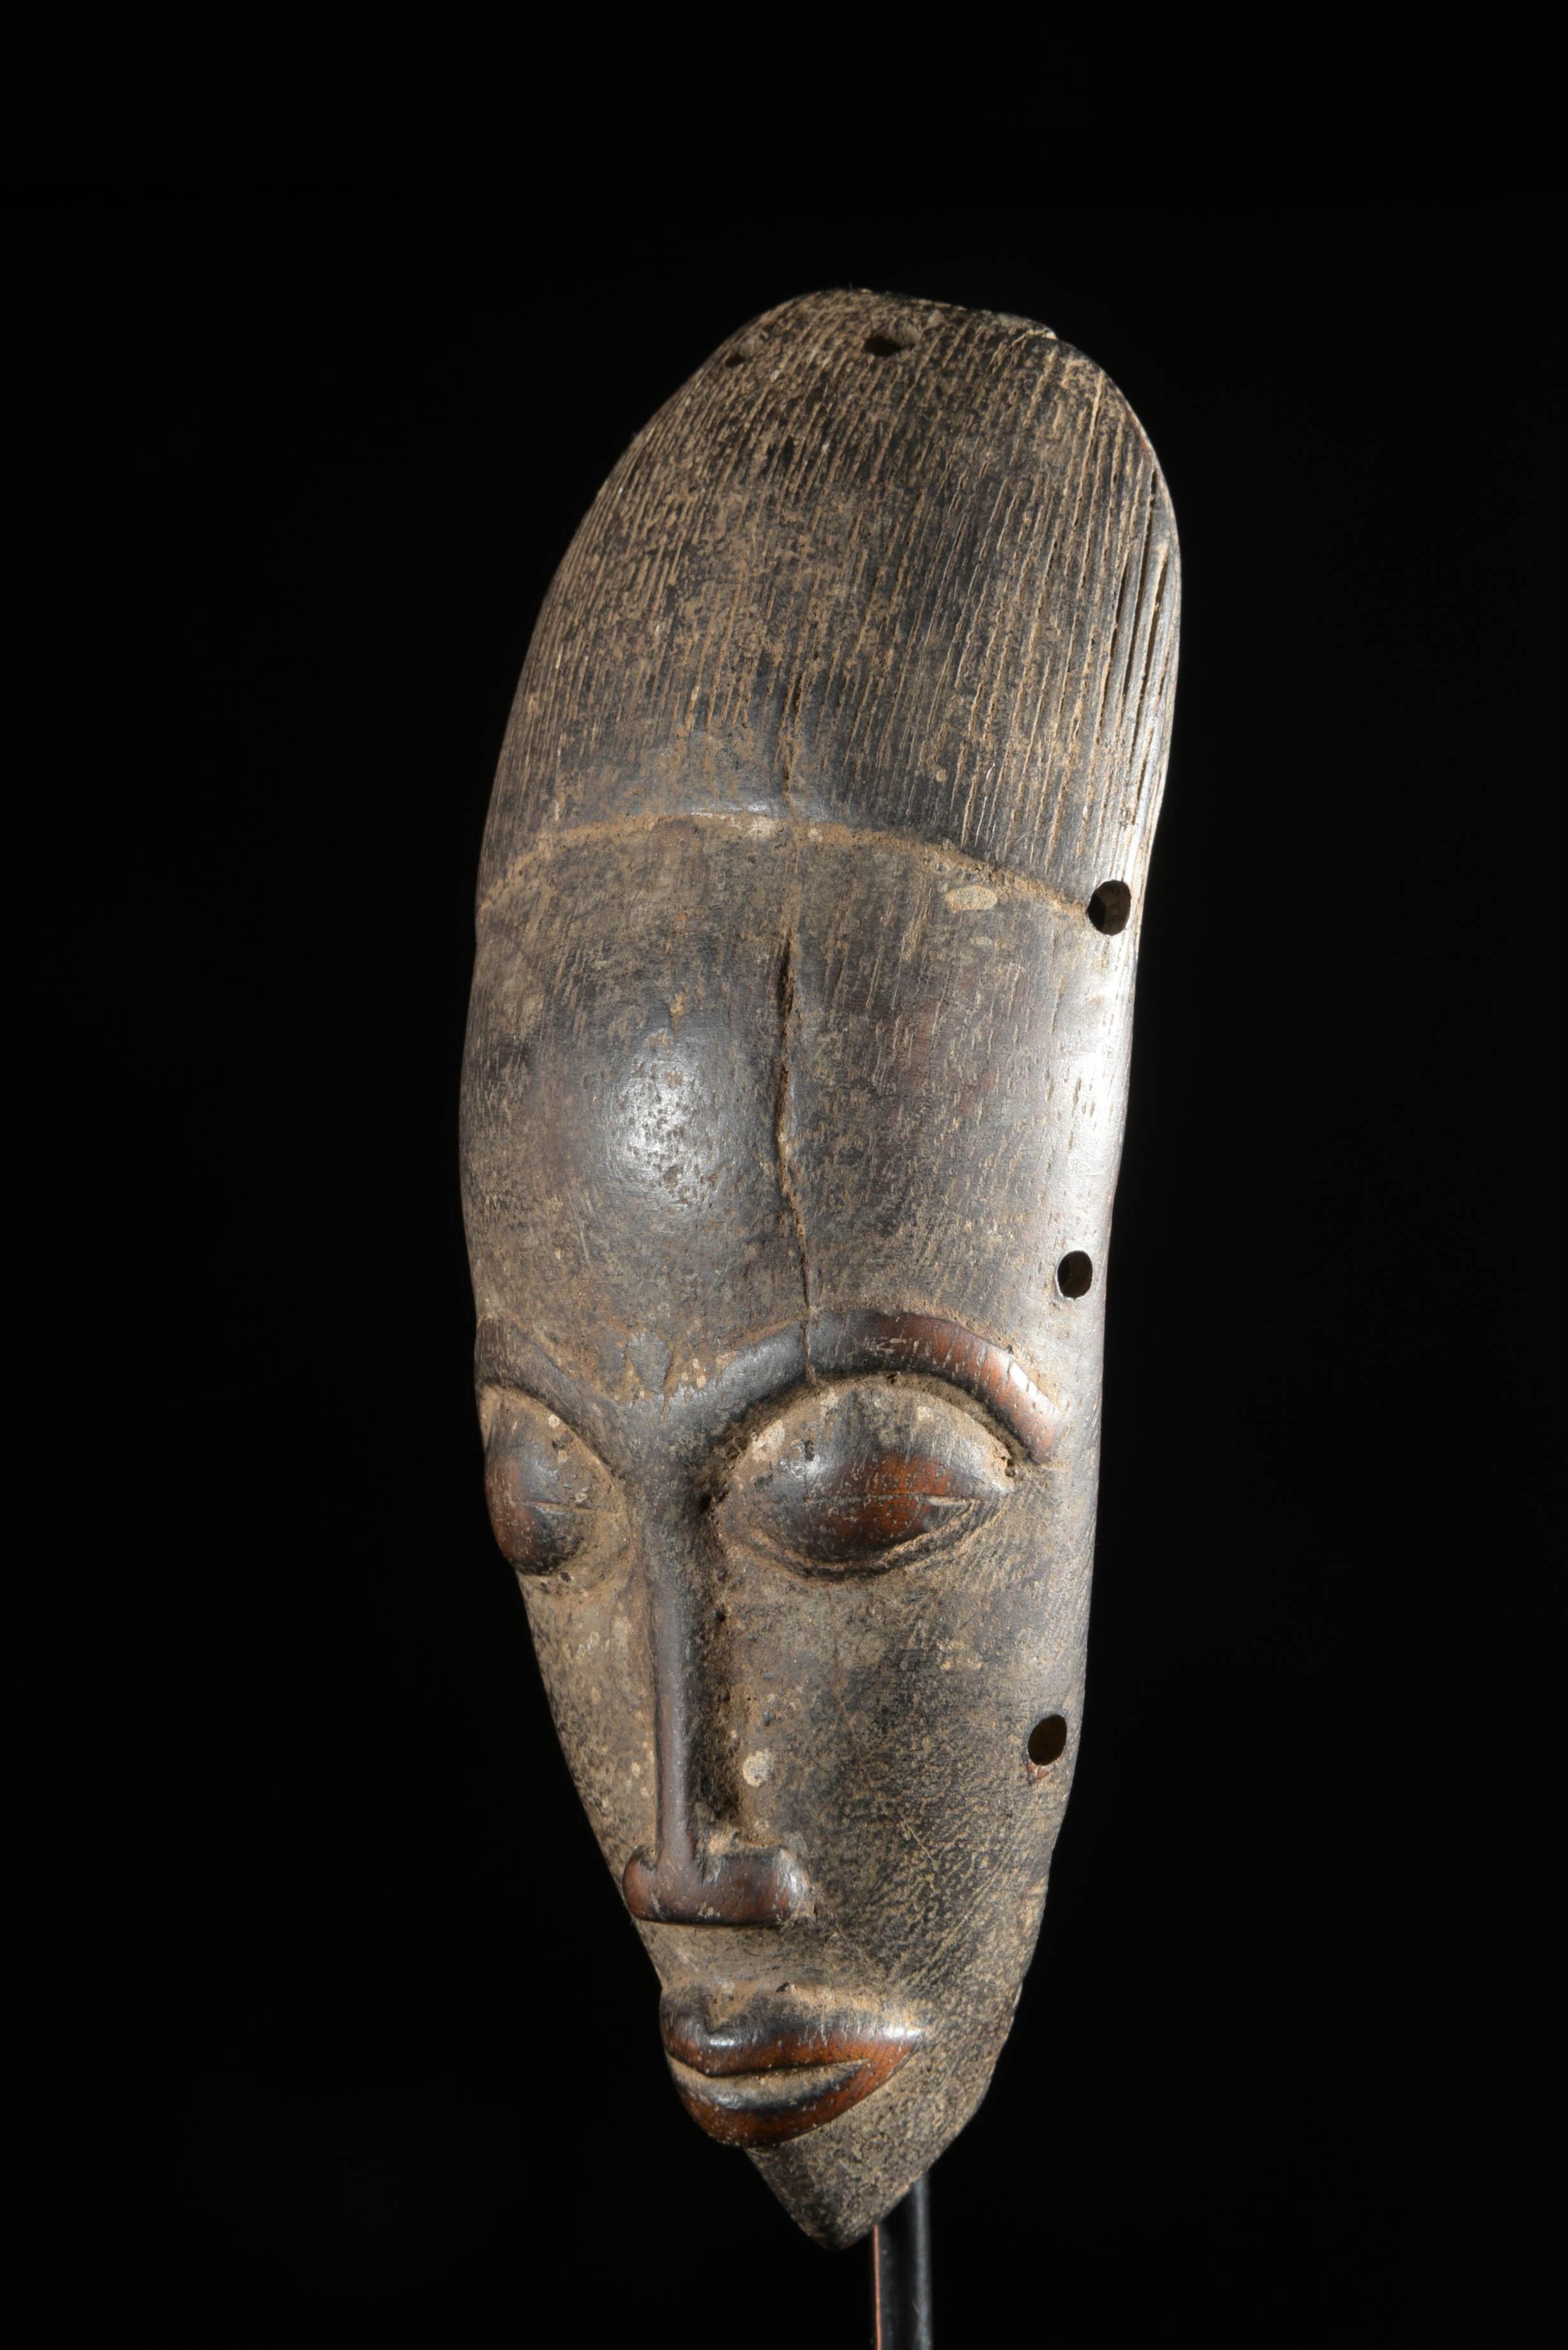 Masque passeport - Baoule - Côte d'Ivoire